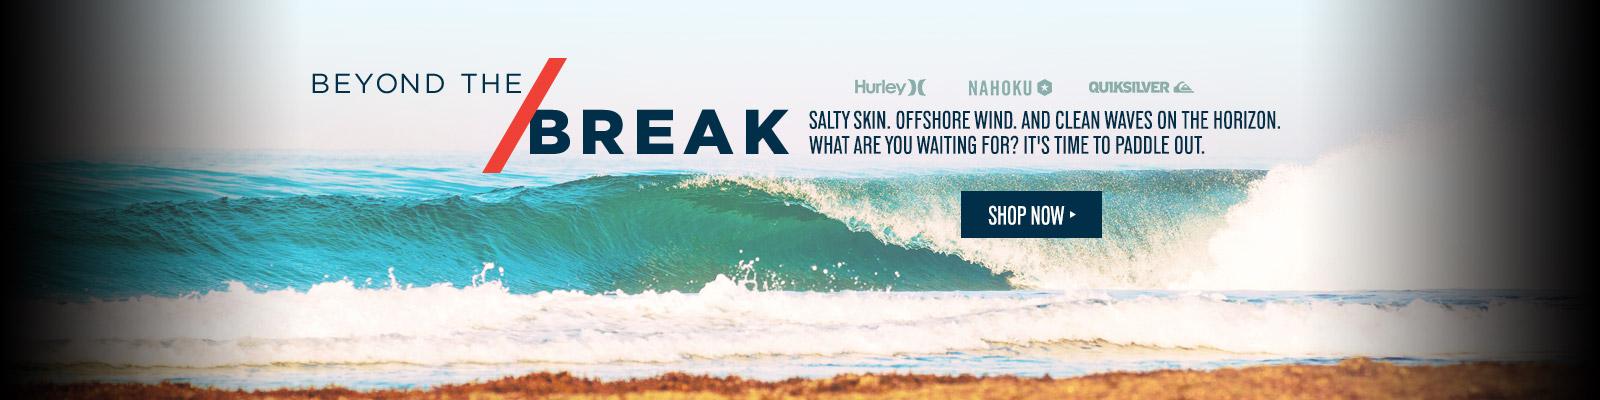 surfing_1600x400_2.jpg